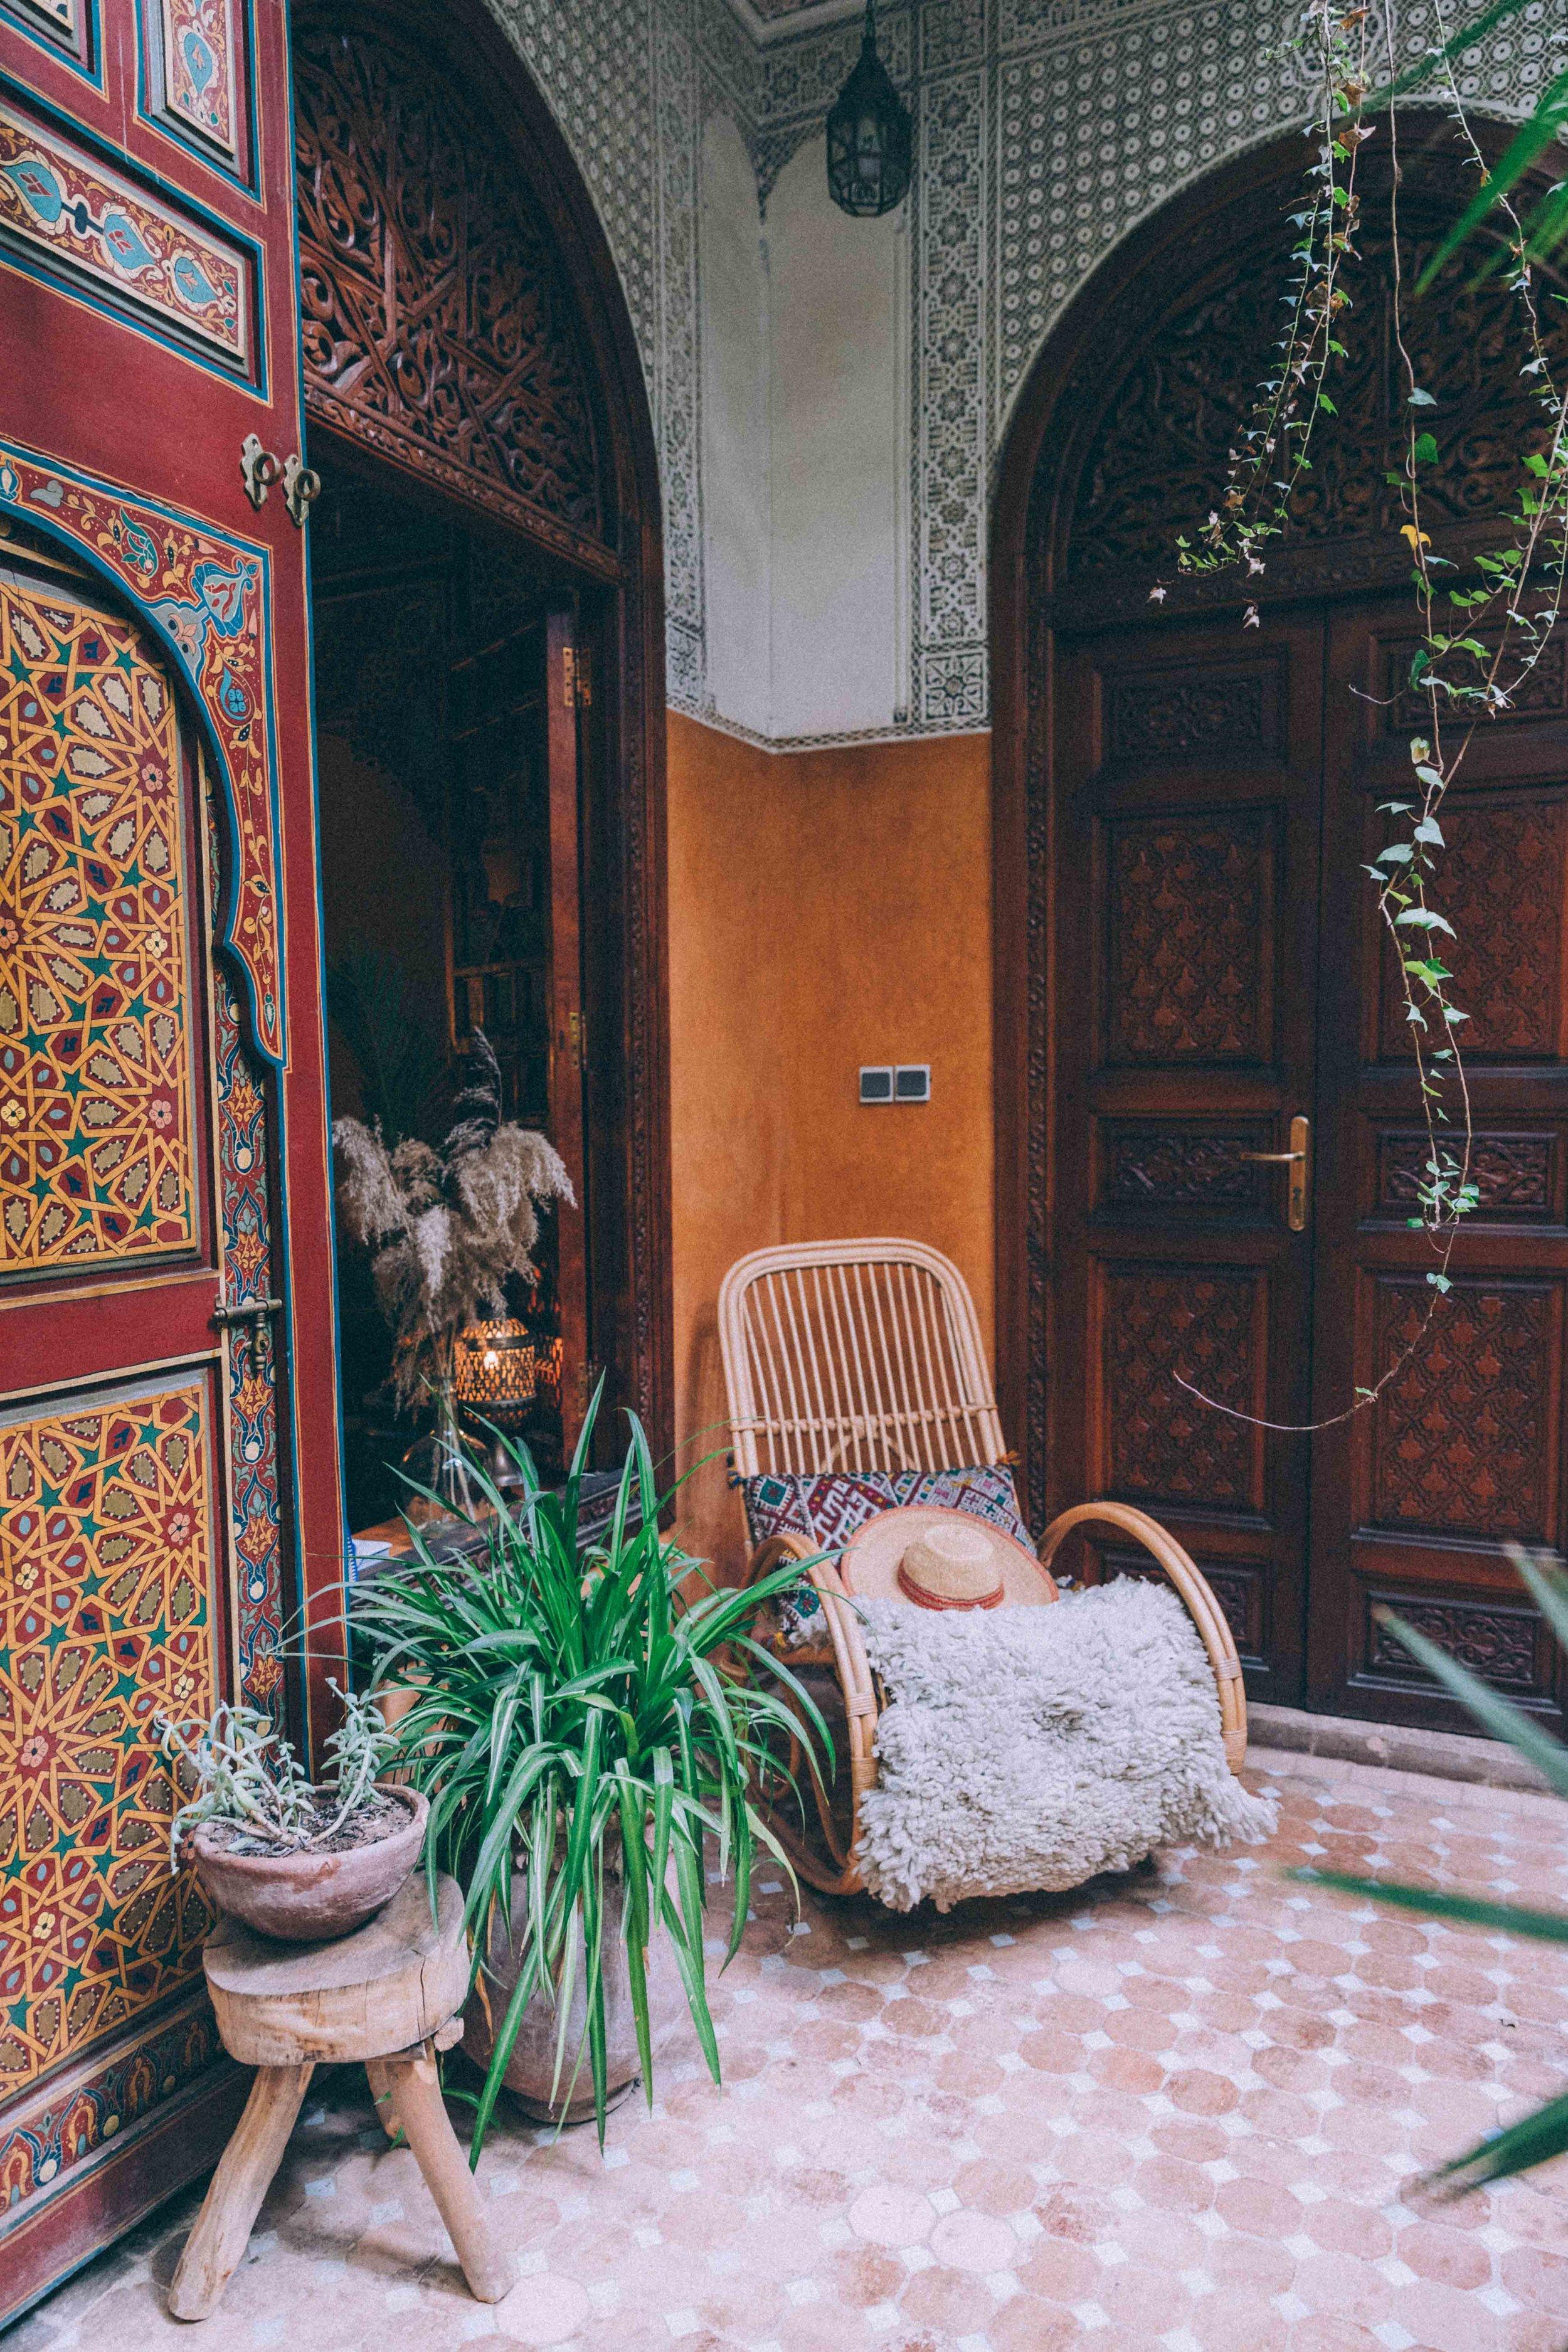 marrakech_march_2019-11.jpg